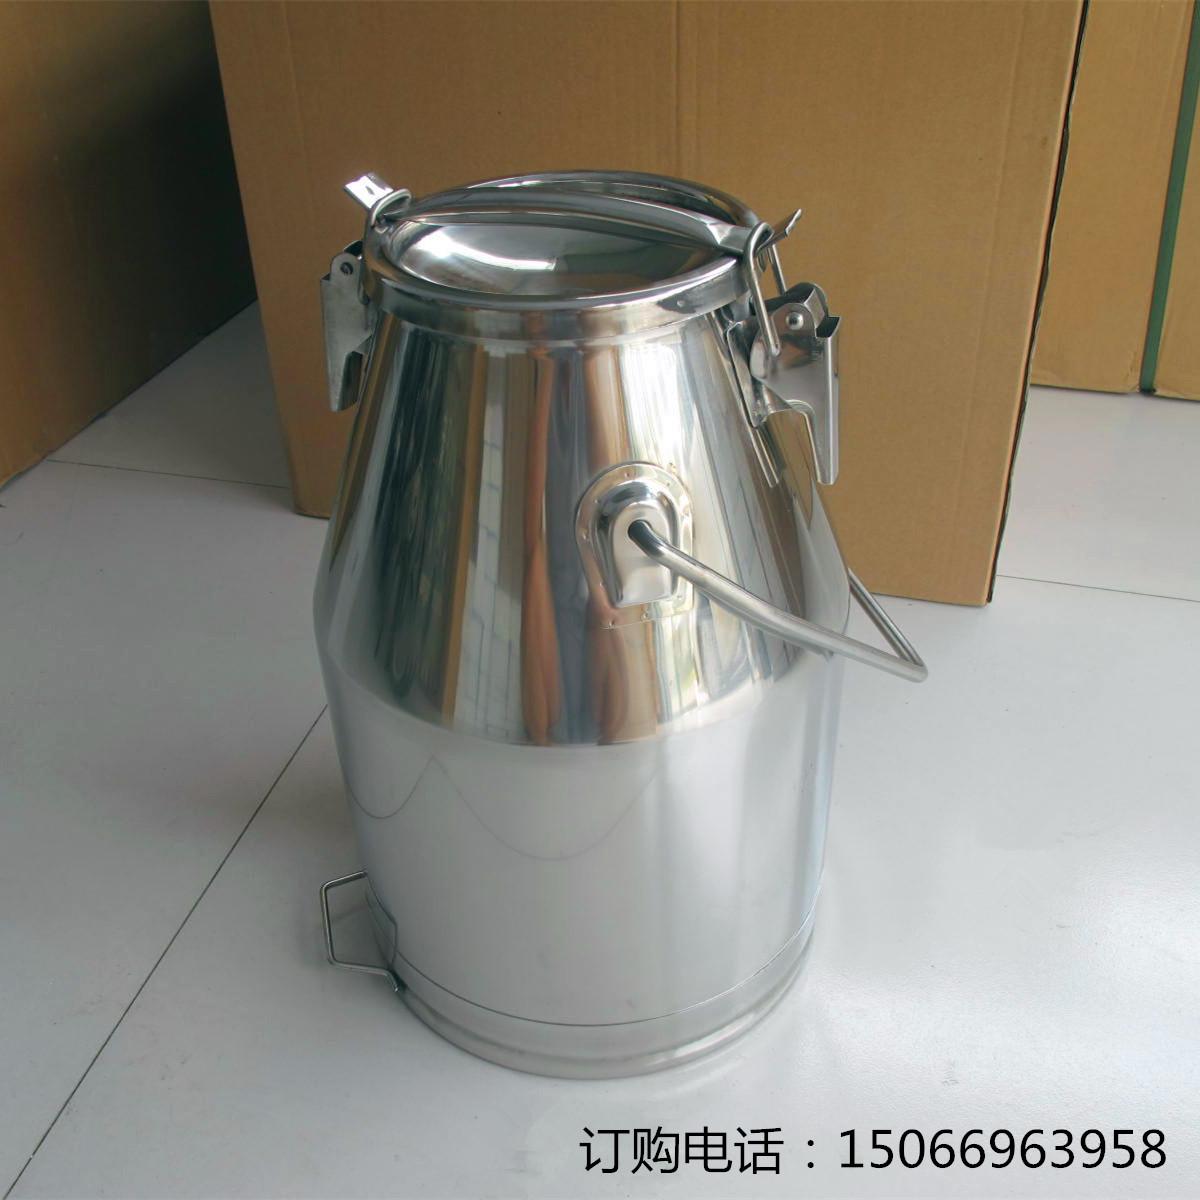 50L单层不锈钢加厚牛奶桶运输保温奶桶鲜奶吧专用奶桶封保鲜桶